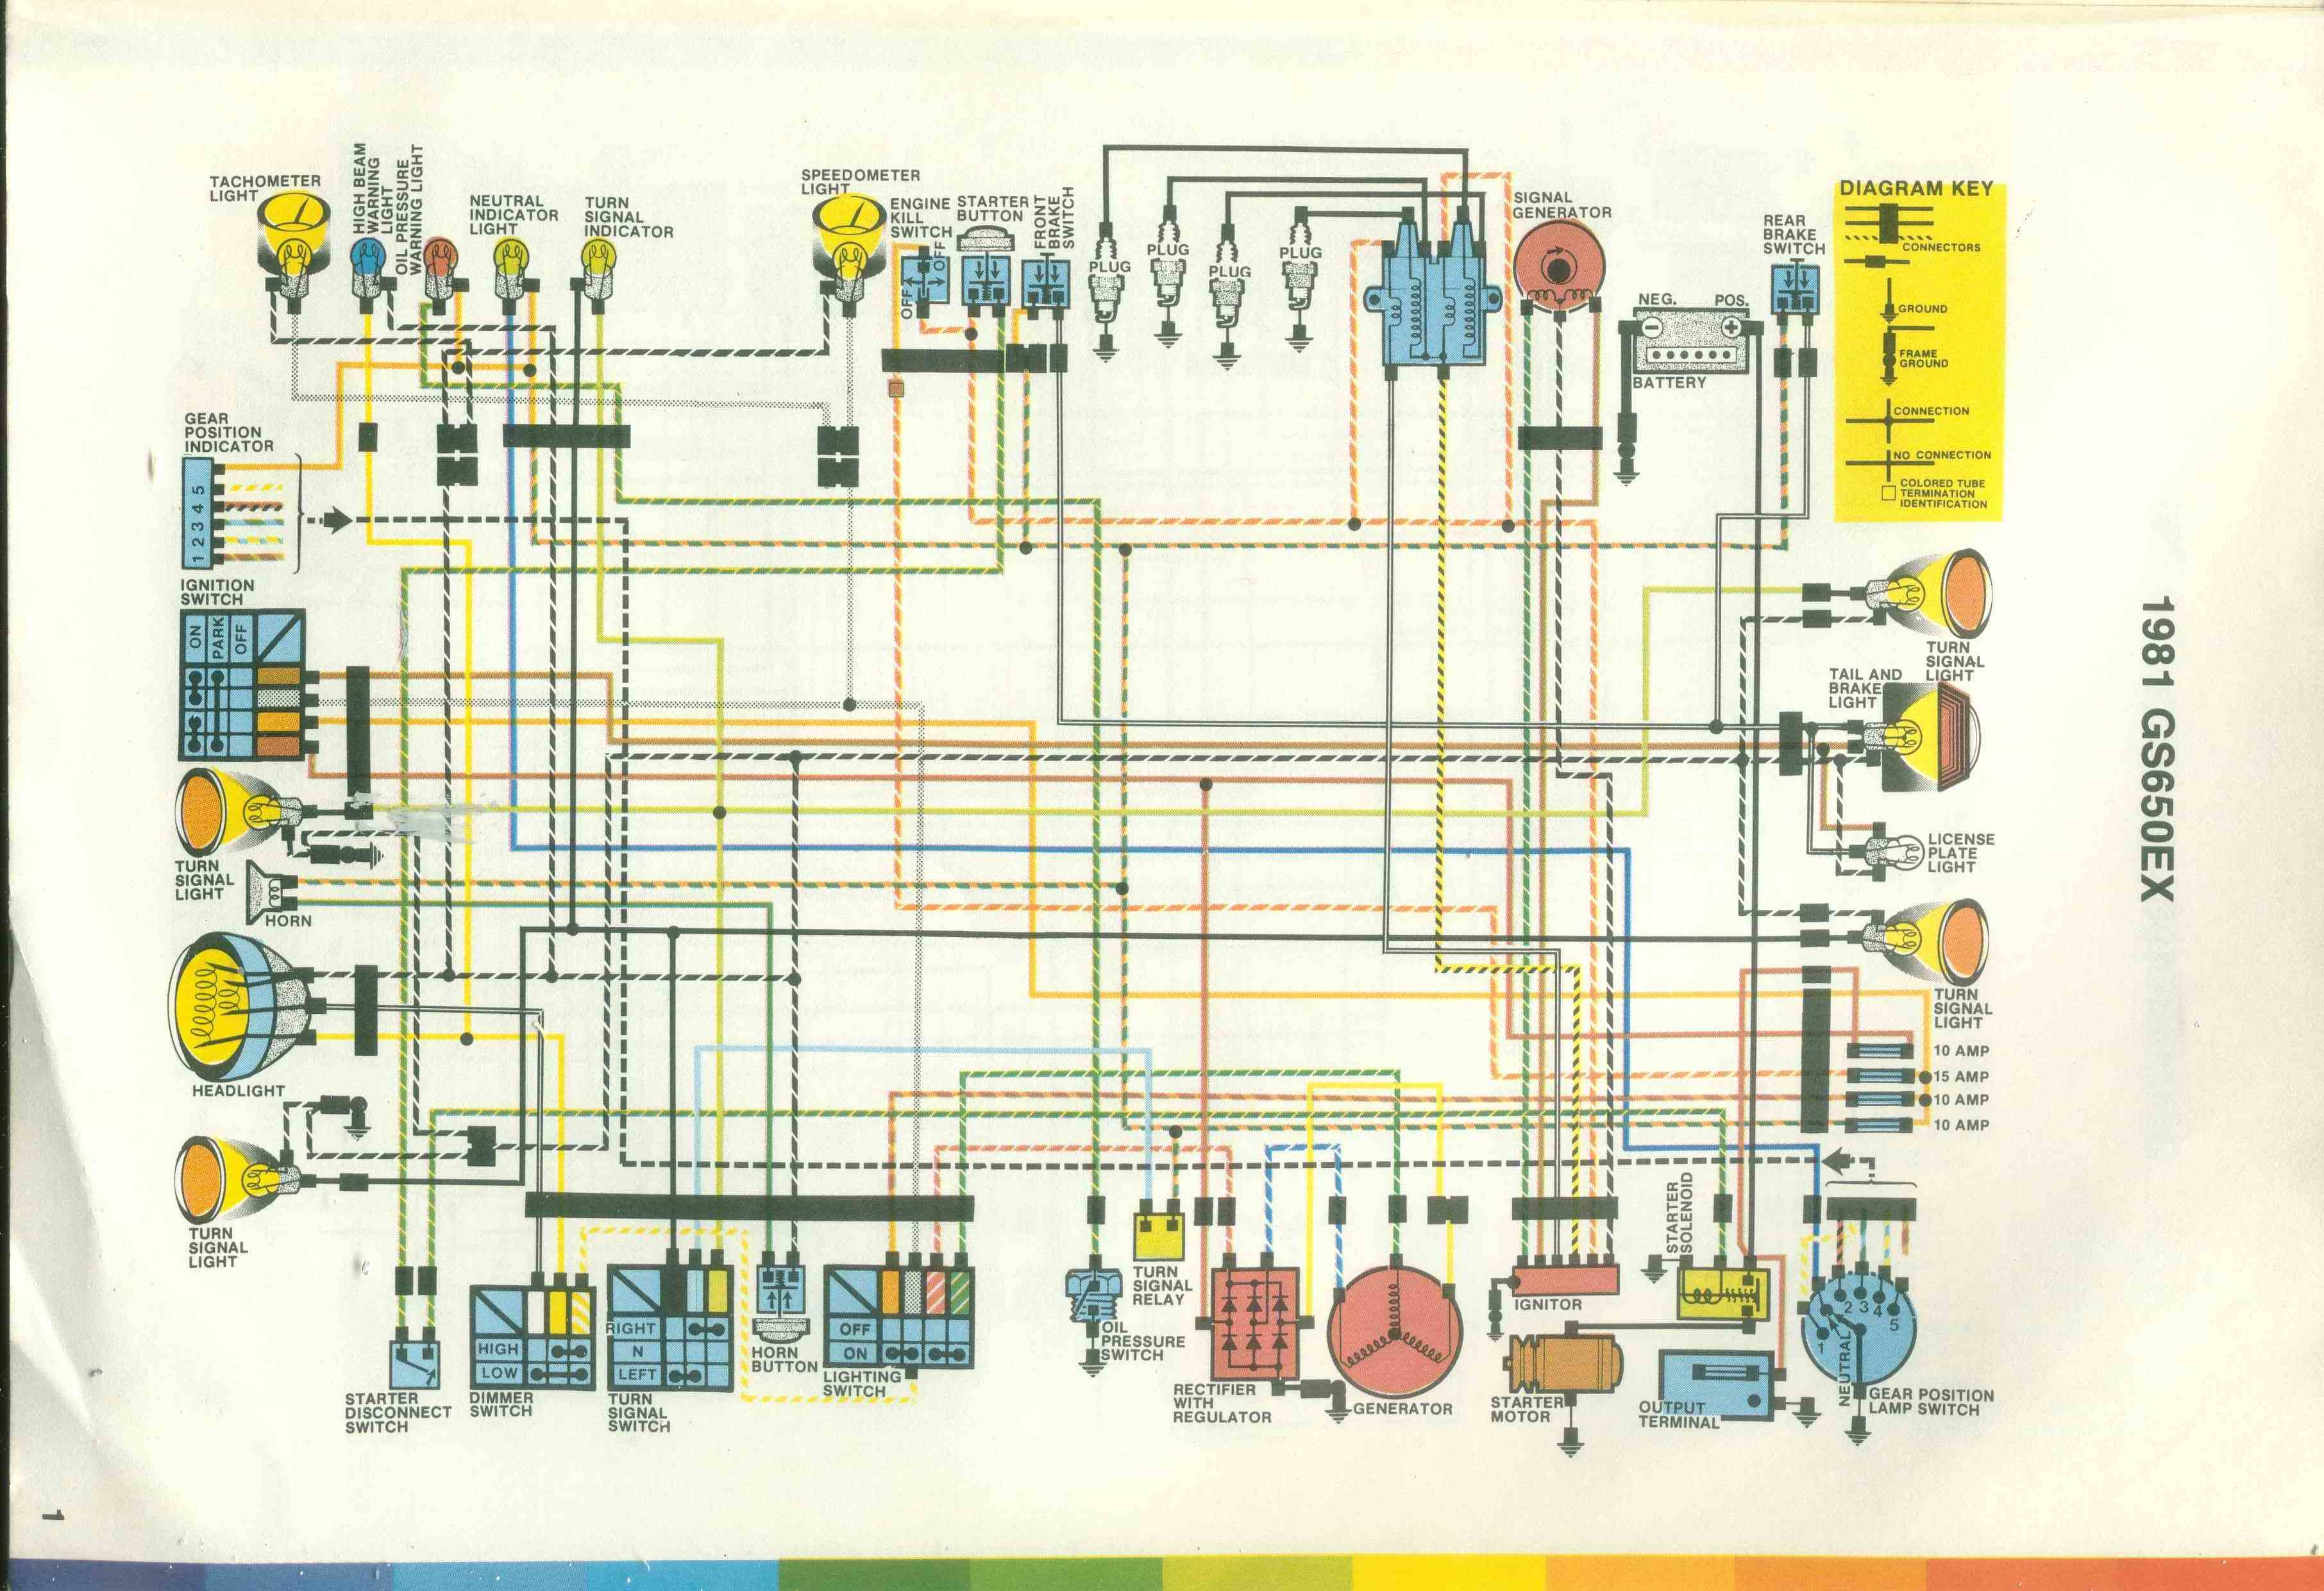 2005 suzuki gsxr 600 wiring diagram 2007 suzuki 750 wire diagram wiring diagram data  2007 suzuki 750 wire diagram wiring